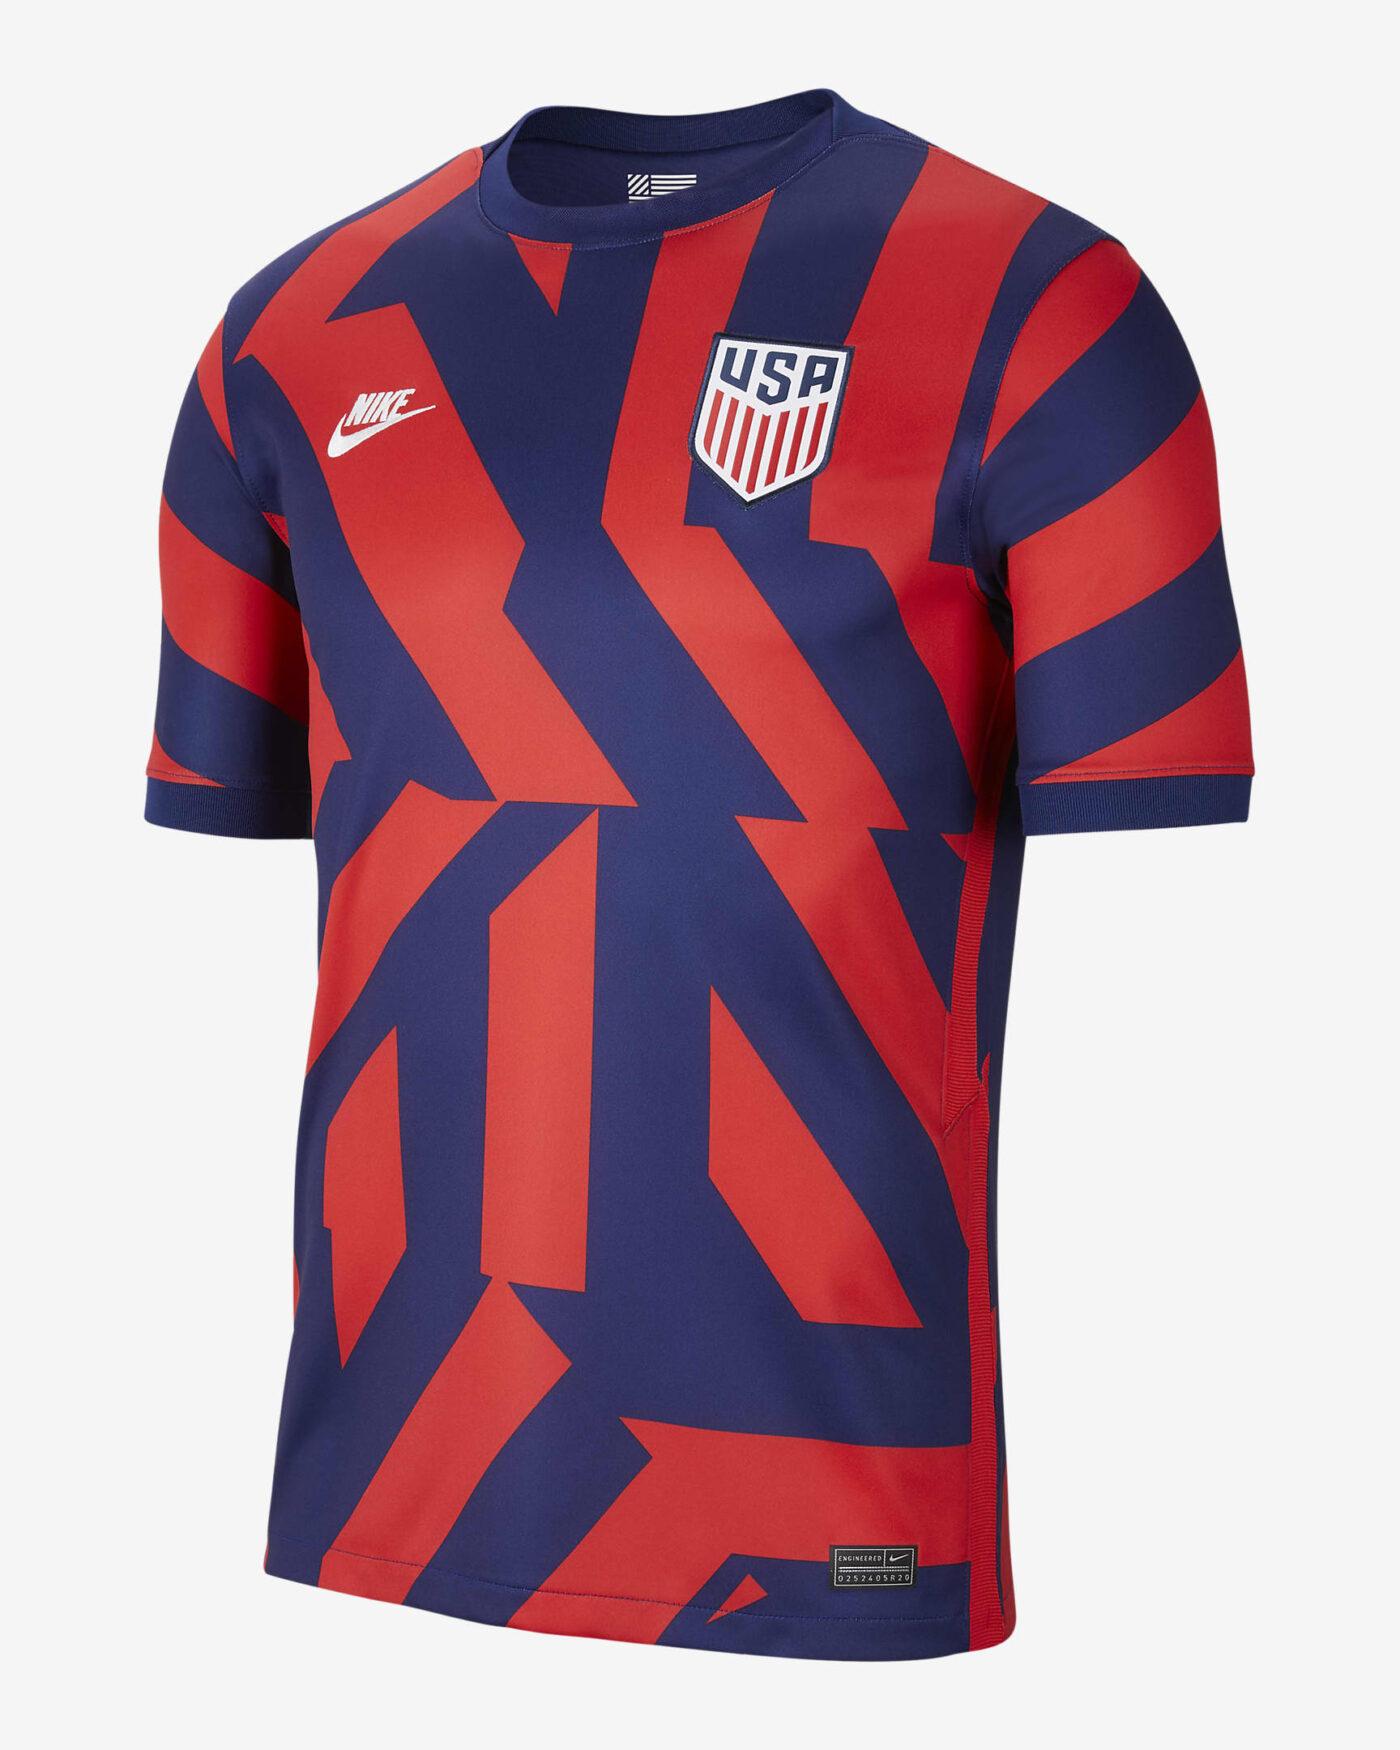 Maillot USA extérieur 2021 Nike